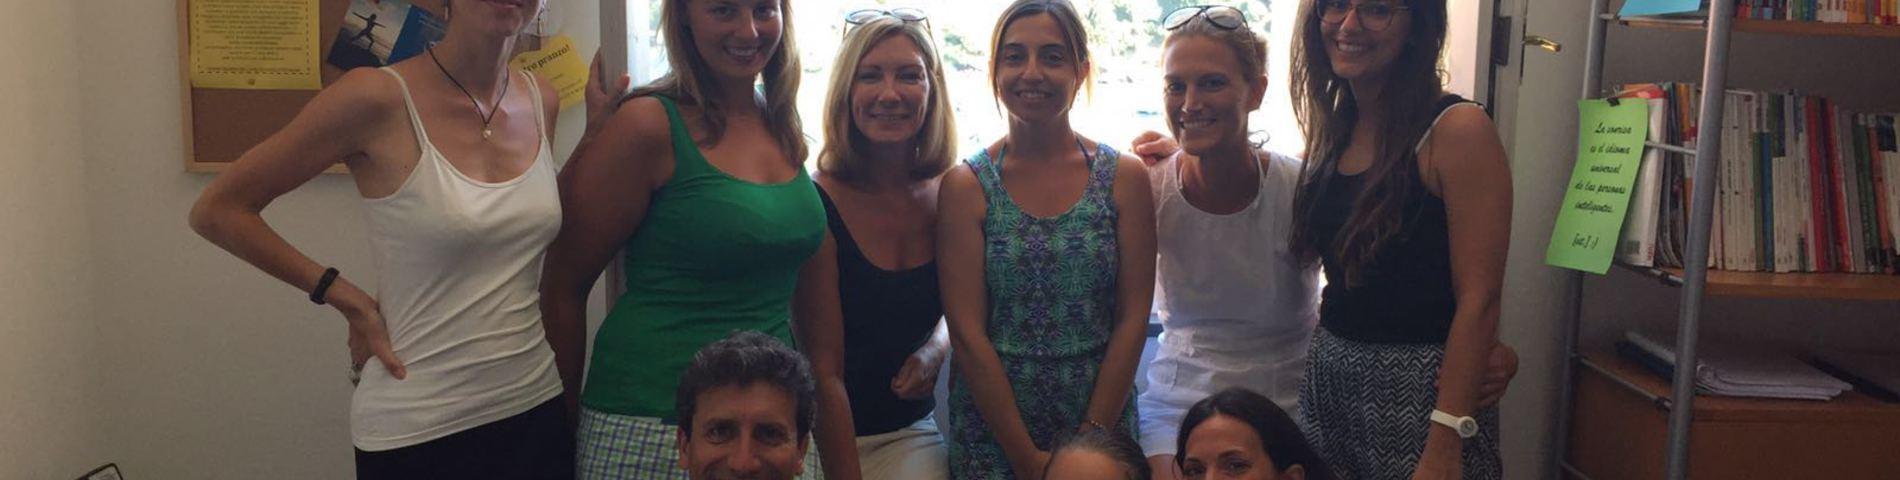 ABC Sestri Levante obrazek 1